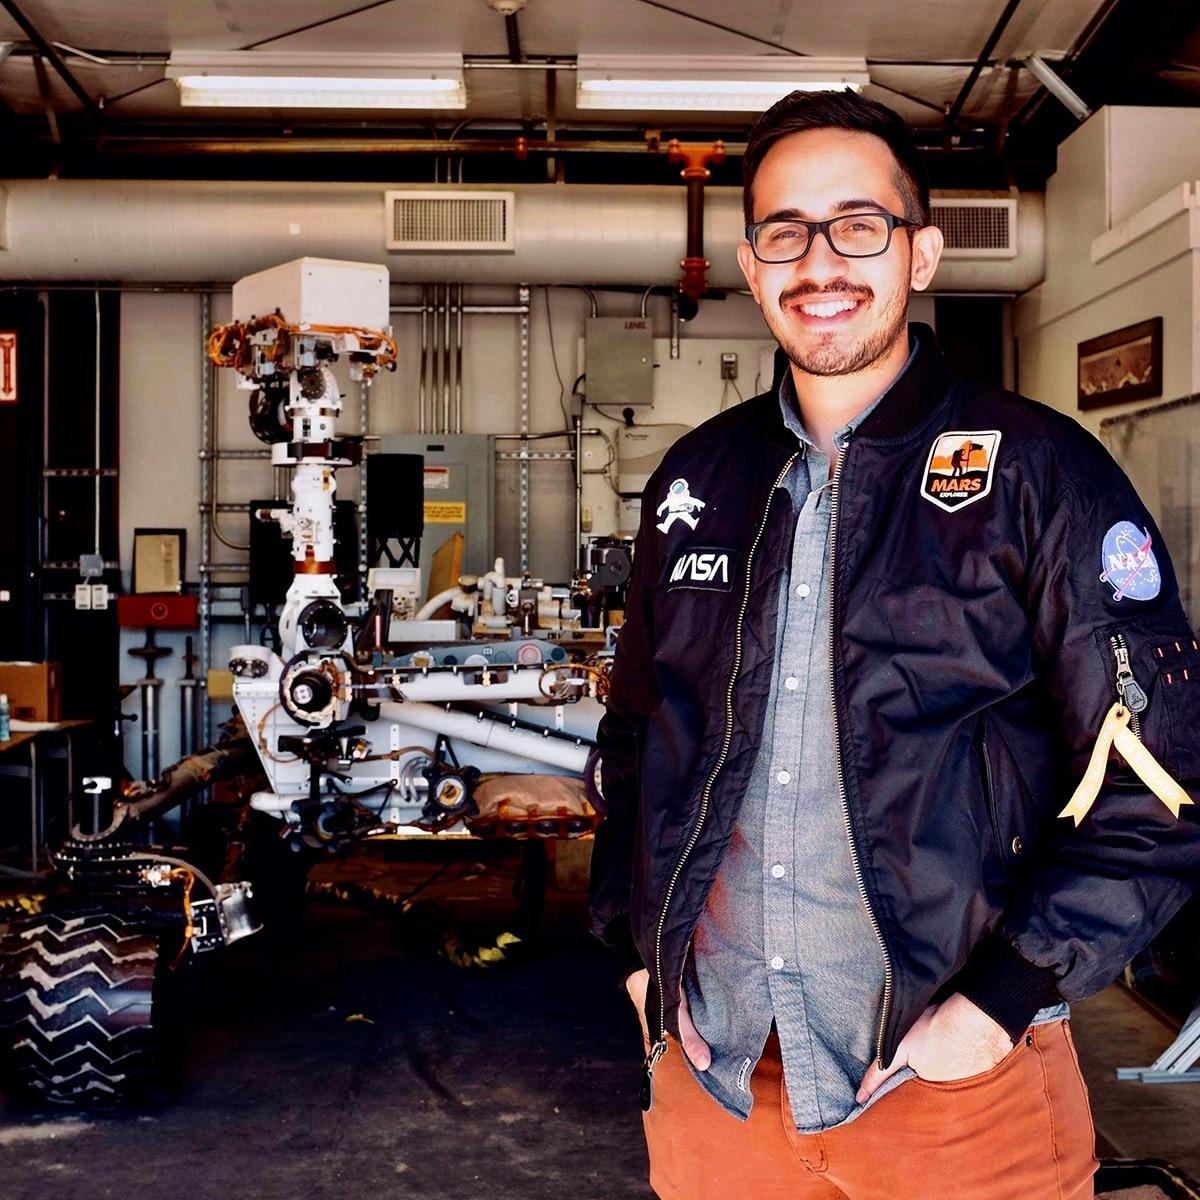 Ecuatoriano llega a la NASA y envía un robot a Marte